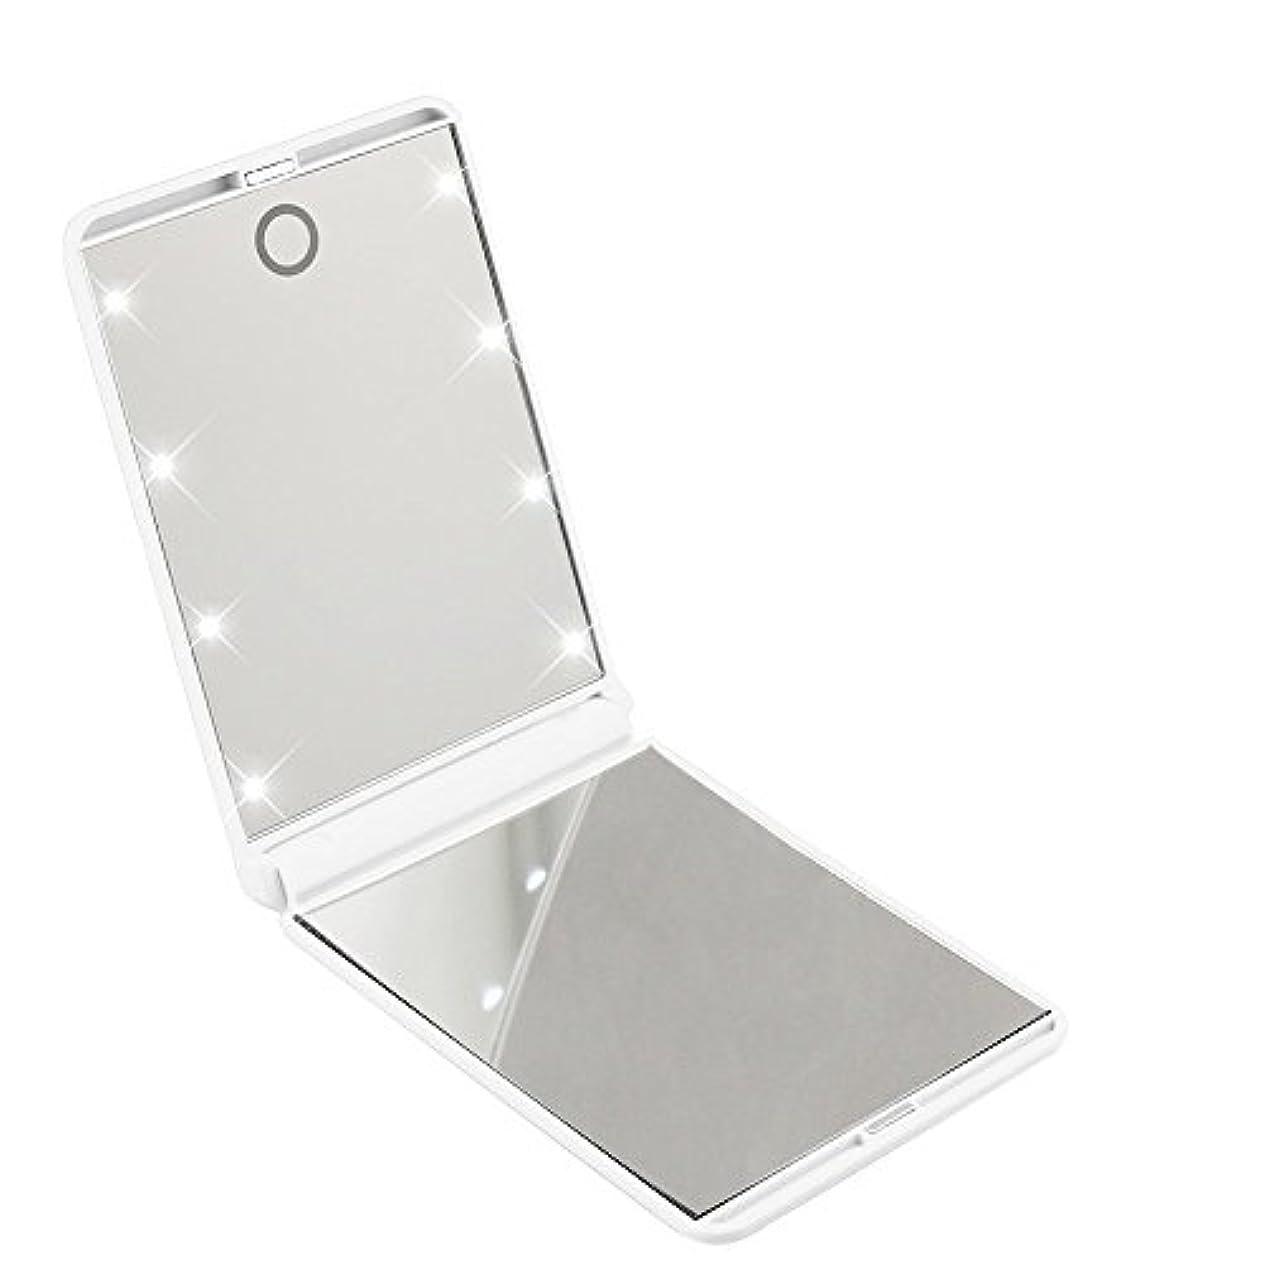 古代逆貨物led化粧鏡 二面鏡 折りたたみ式 LEDライト メイクミラー 明るさ調整 コンパクトミラー 2倍拡大鏡付 ホワイト